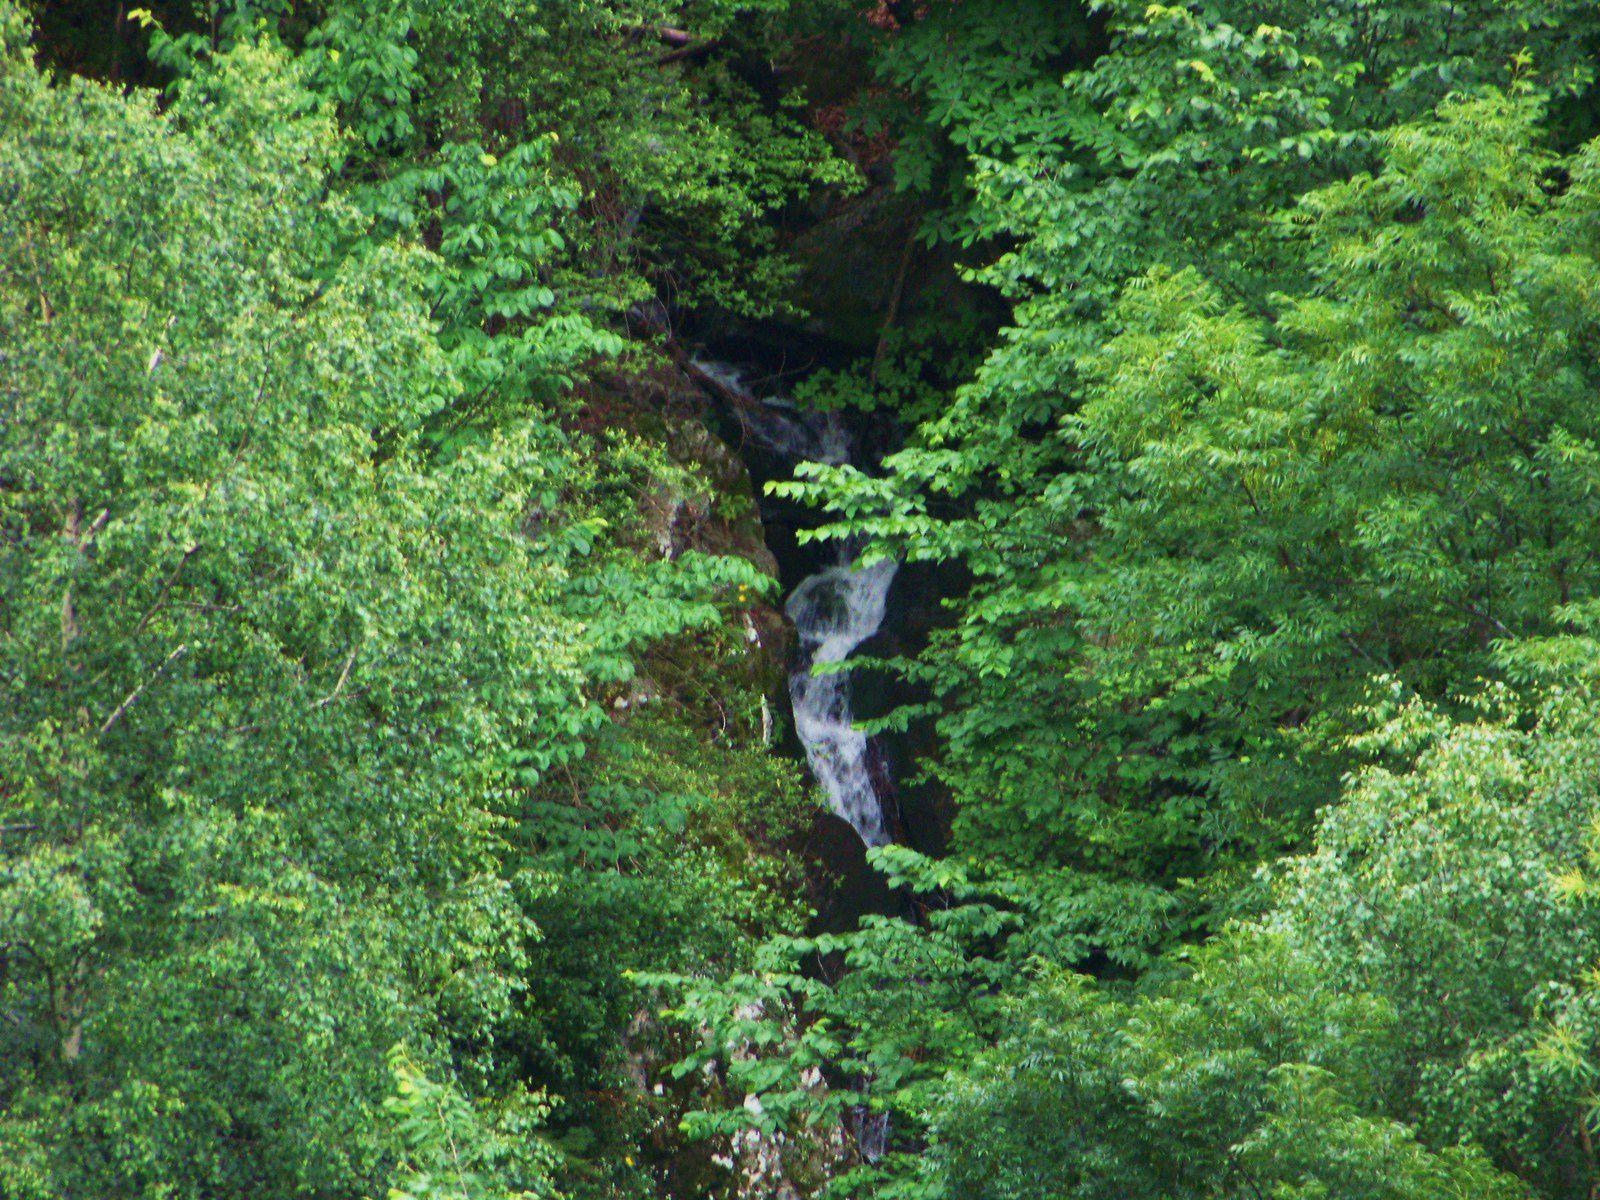 la montagne: la forêt, la vierge sur le chemin; l'abbaye et ses dépendances;dans l'abbaye une petite vierge toute seulette avec son ptiot, salut biquette